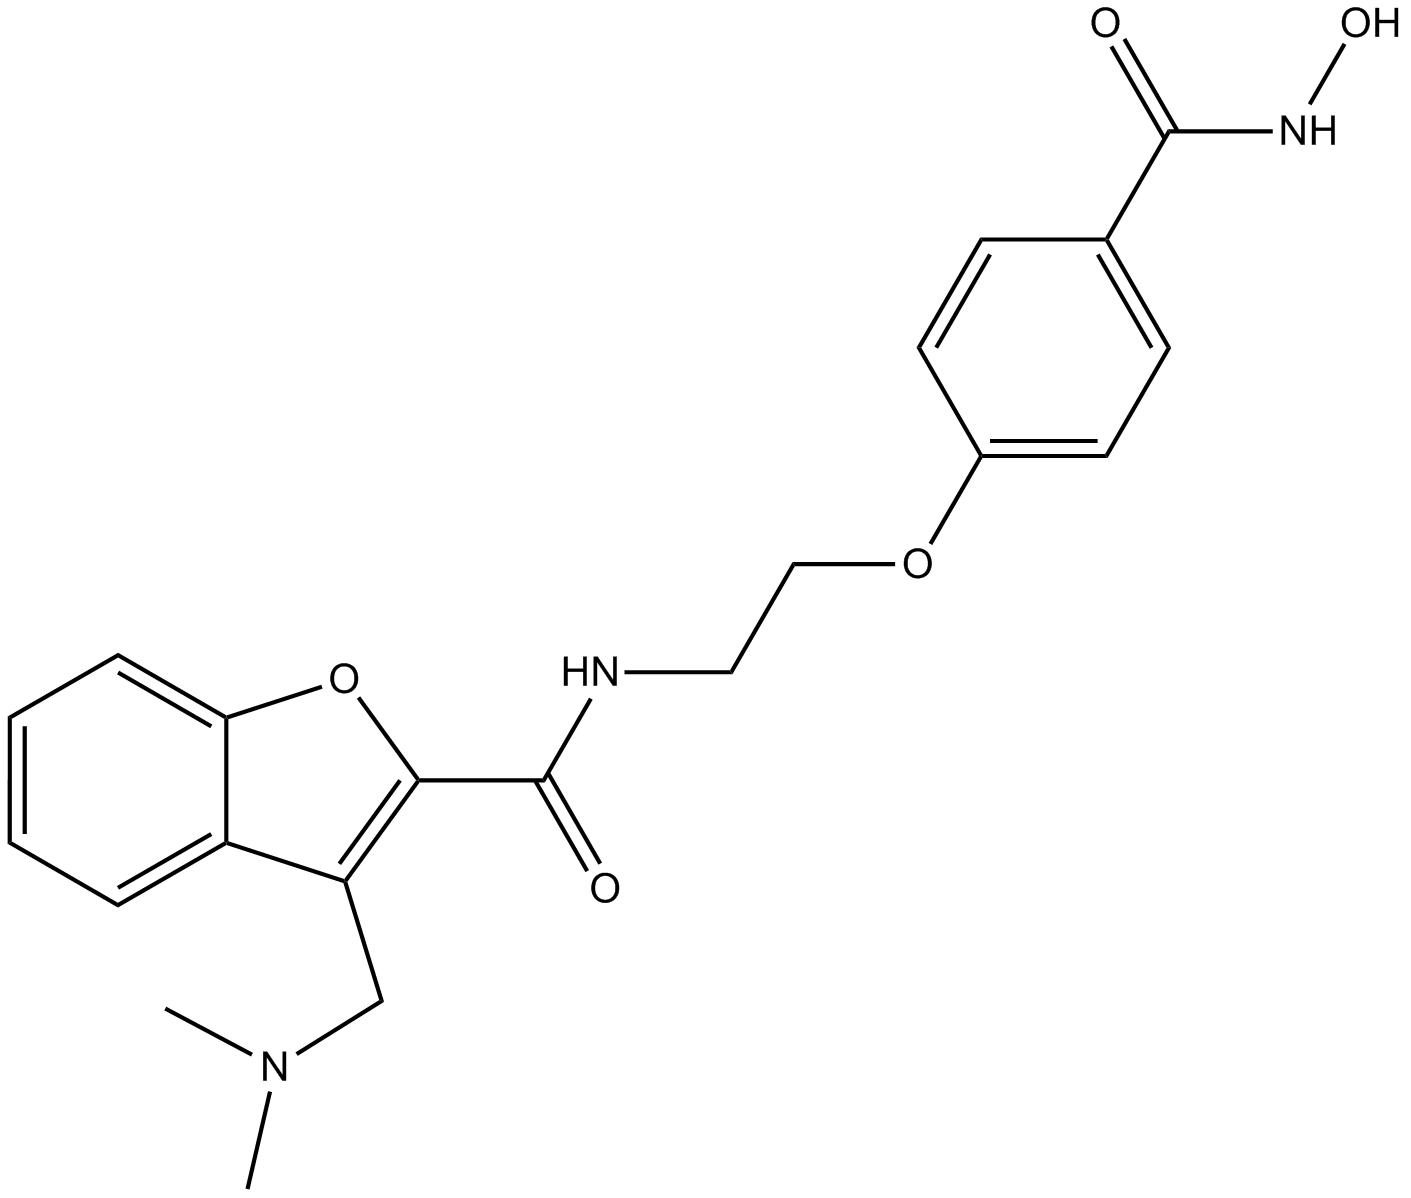 PCI-24781 (CRA-024781)